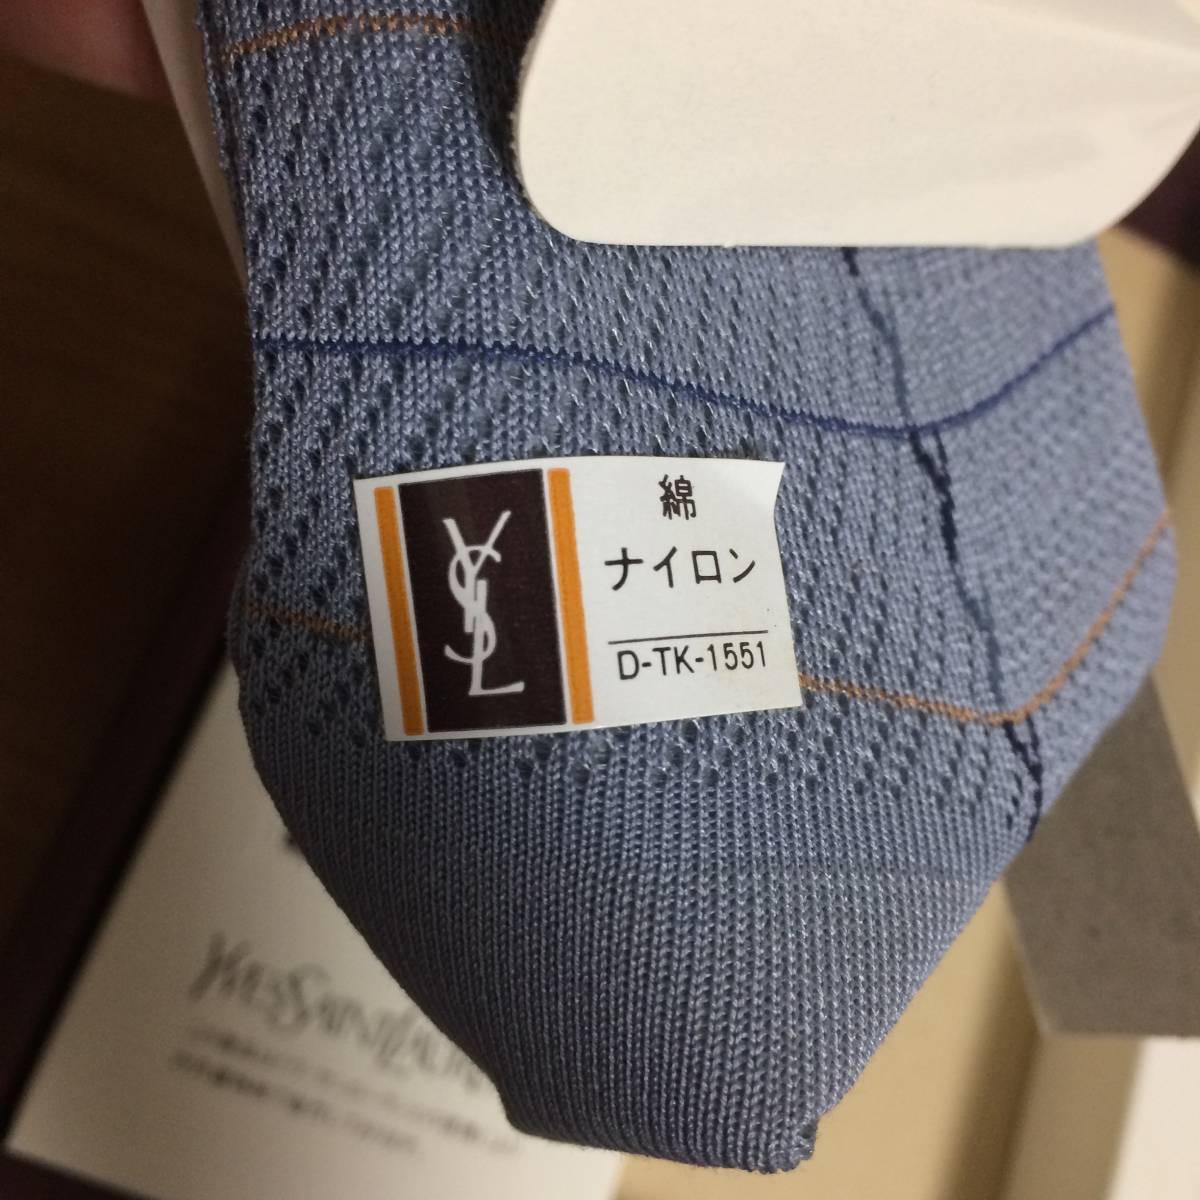 夏向け レトロ柄 YVES SAINT LAURENT イヴ サンローラン 紳士用靴下5足セット カラー色々 メンズ サイズ 25~26cm相当 箱入り_画像2